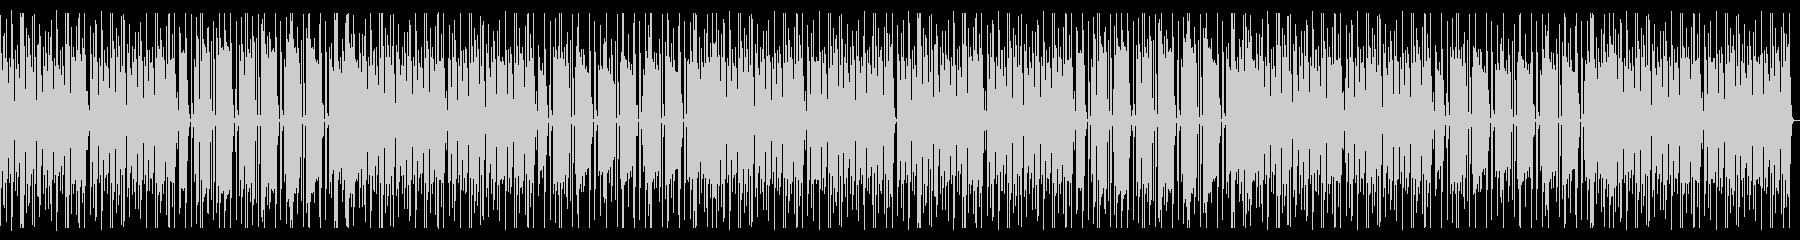 優しい音色のエレピのほんわか劇伴の未再生の波形